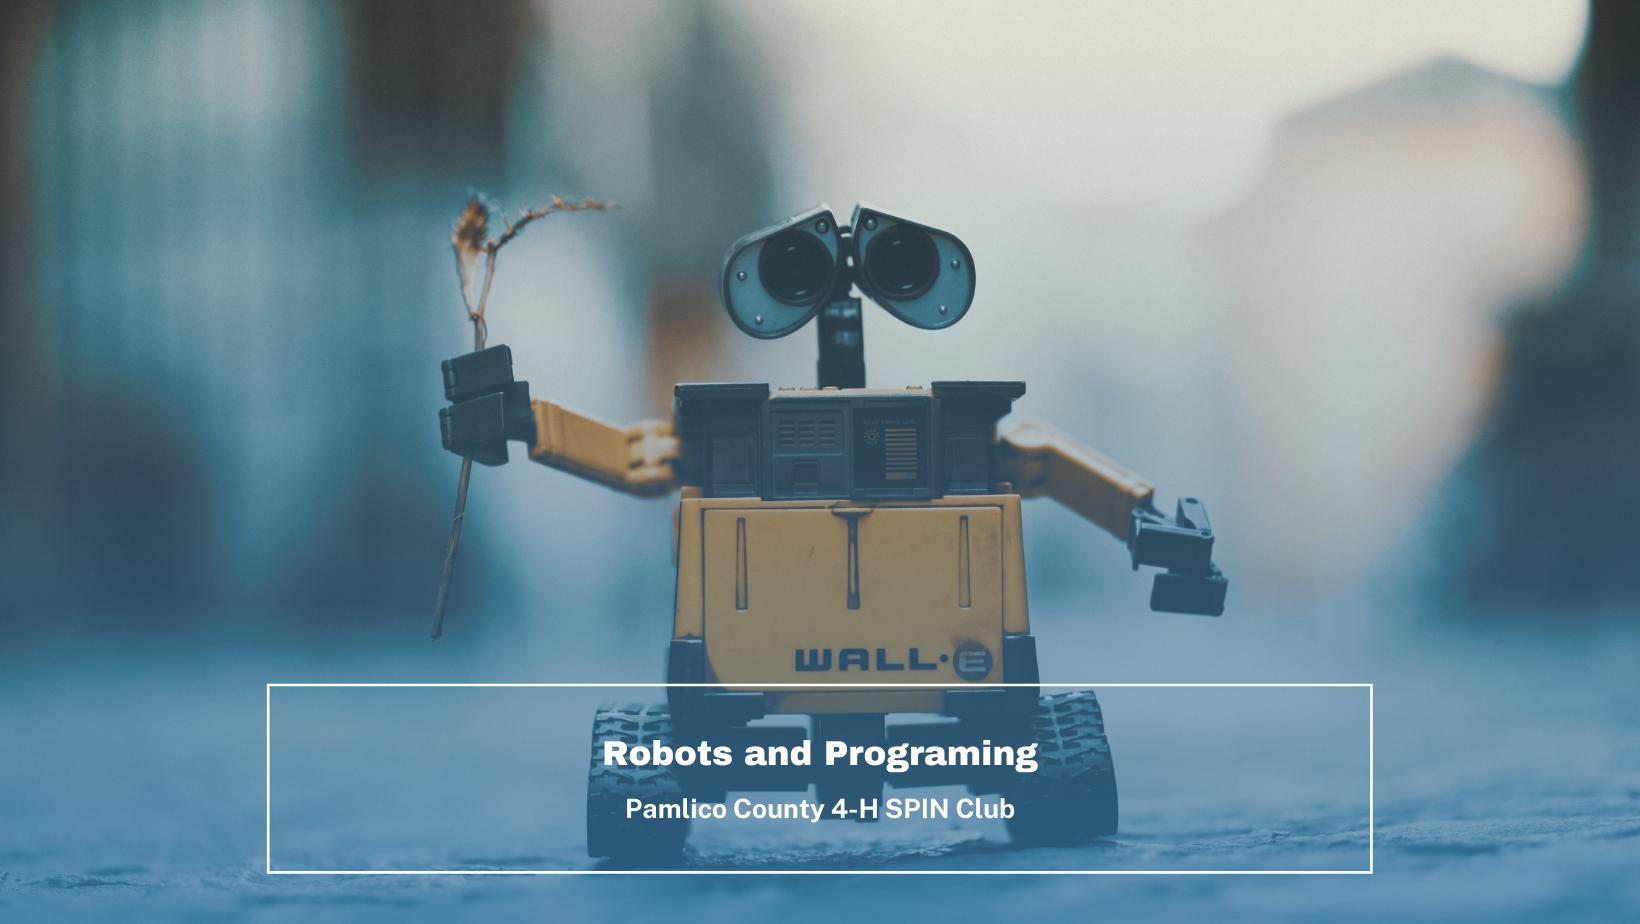 Robots and Programing